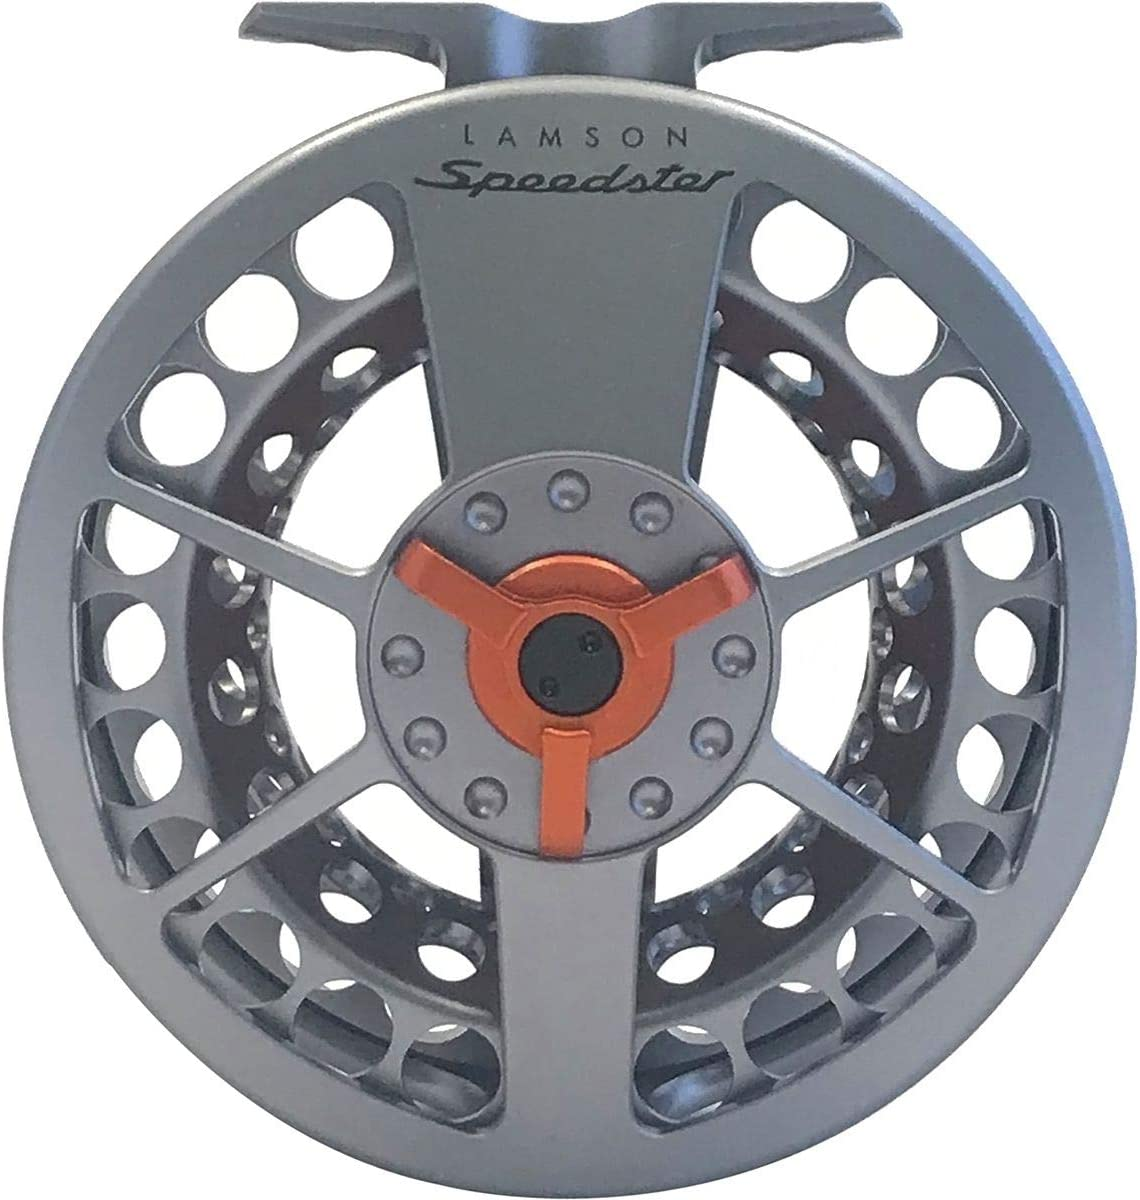 Waterworks-Lamson Speedster Fly Fishing Reel, Grey Orange